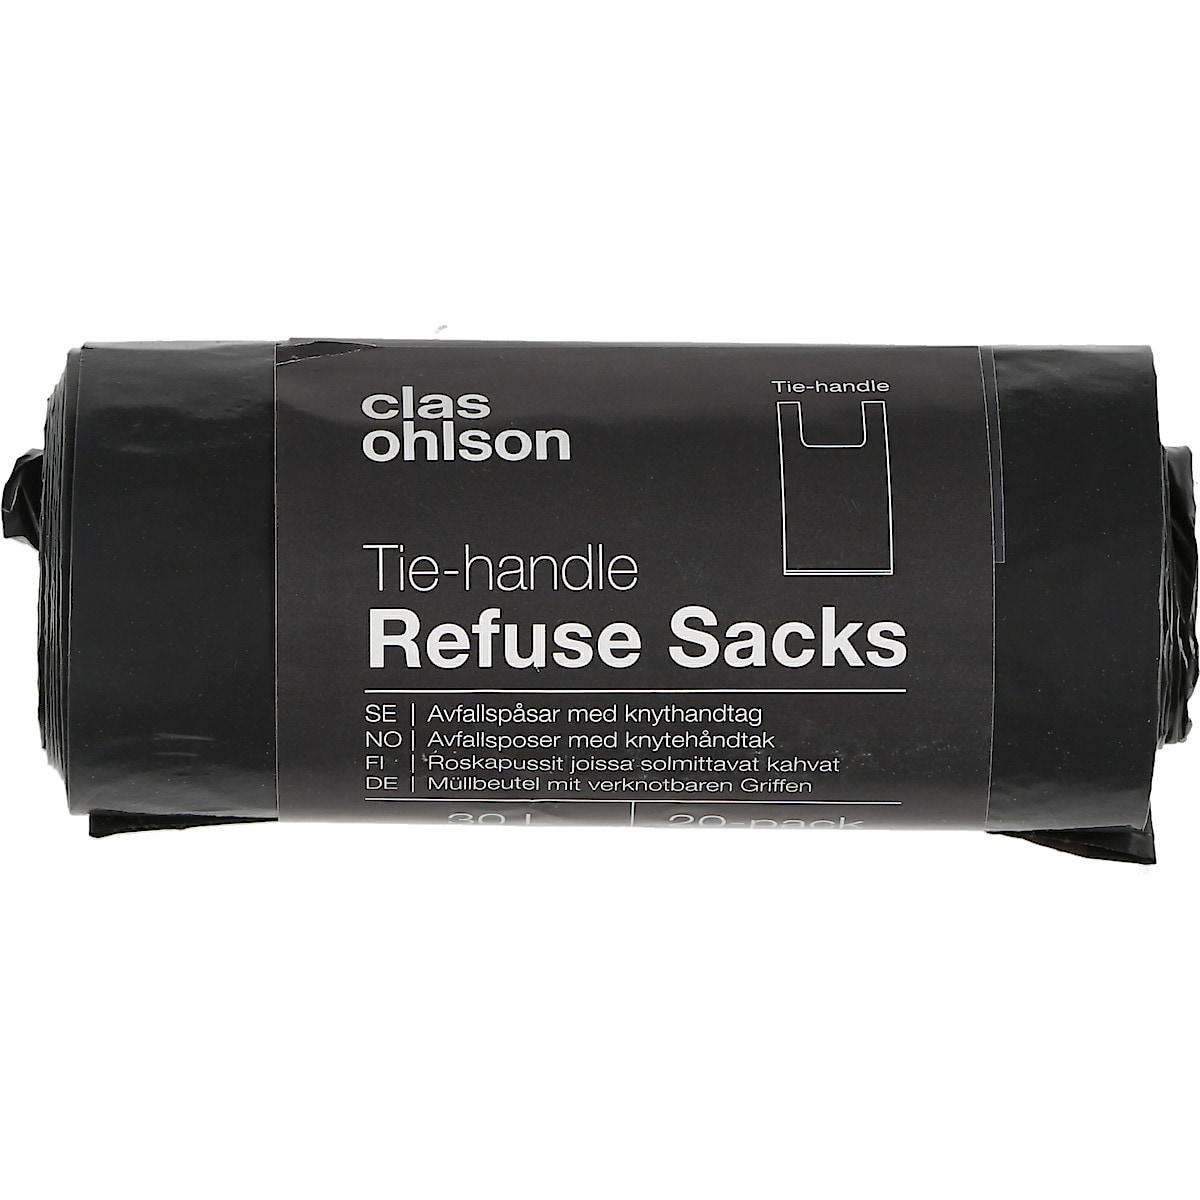 Avfallsposer med knytehåndtak 30 l, 20 pk